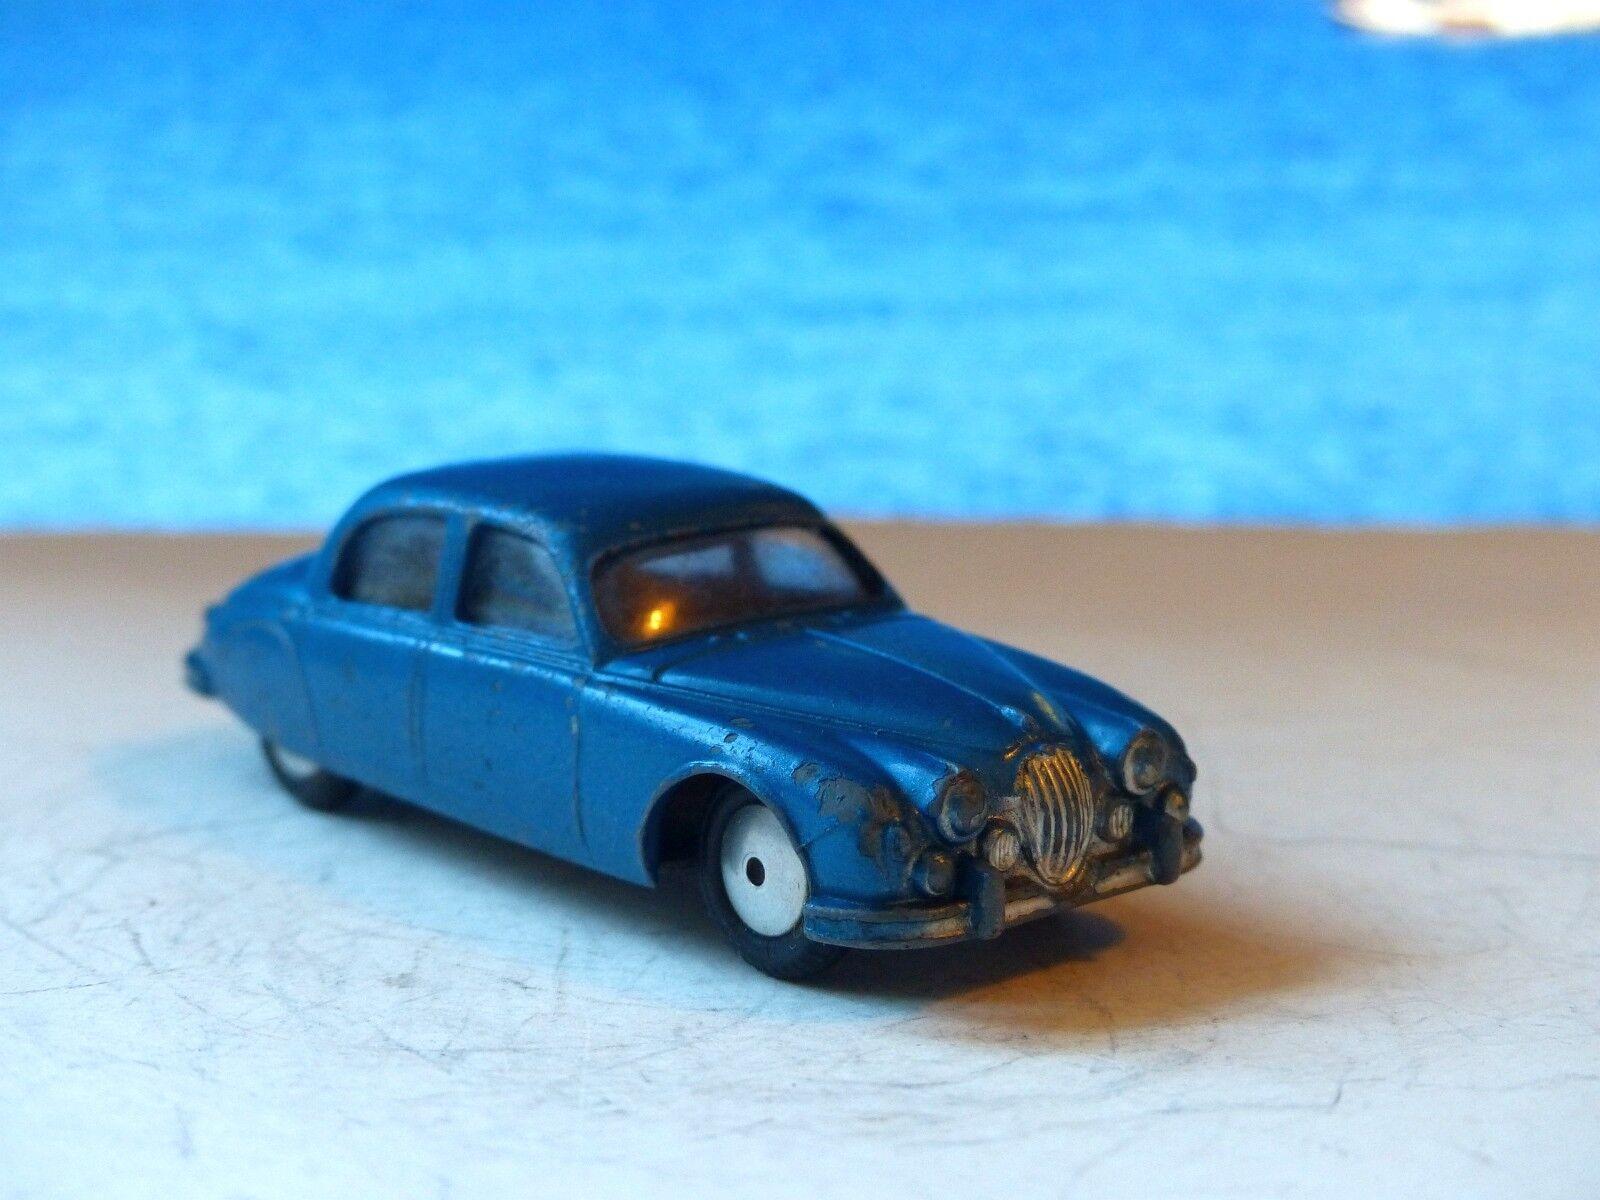 Corgi Toys 208M Jaguar 2.4 Litre with grau base